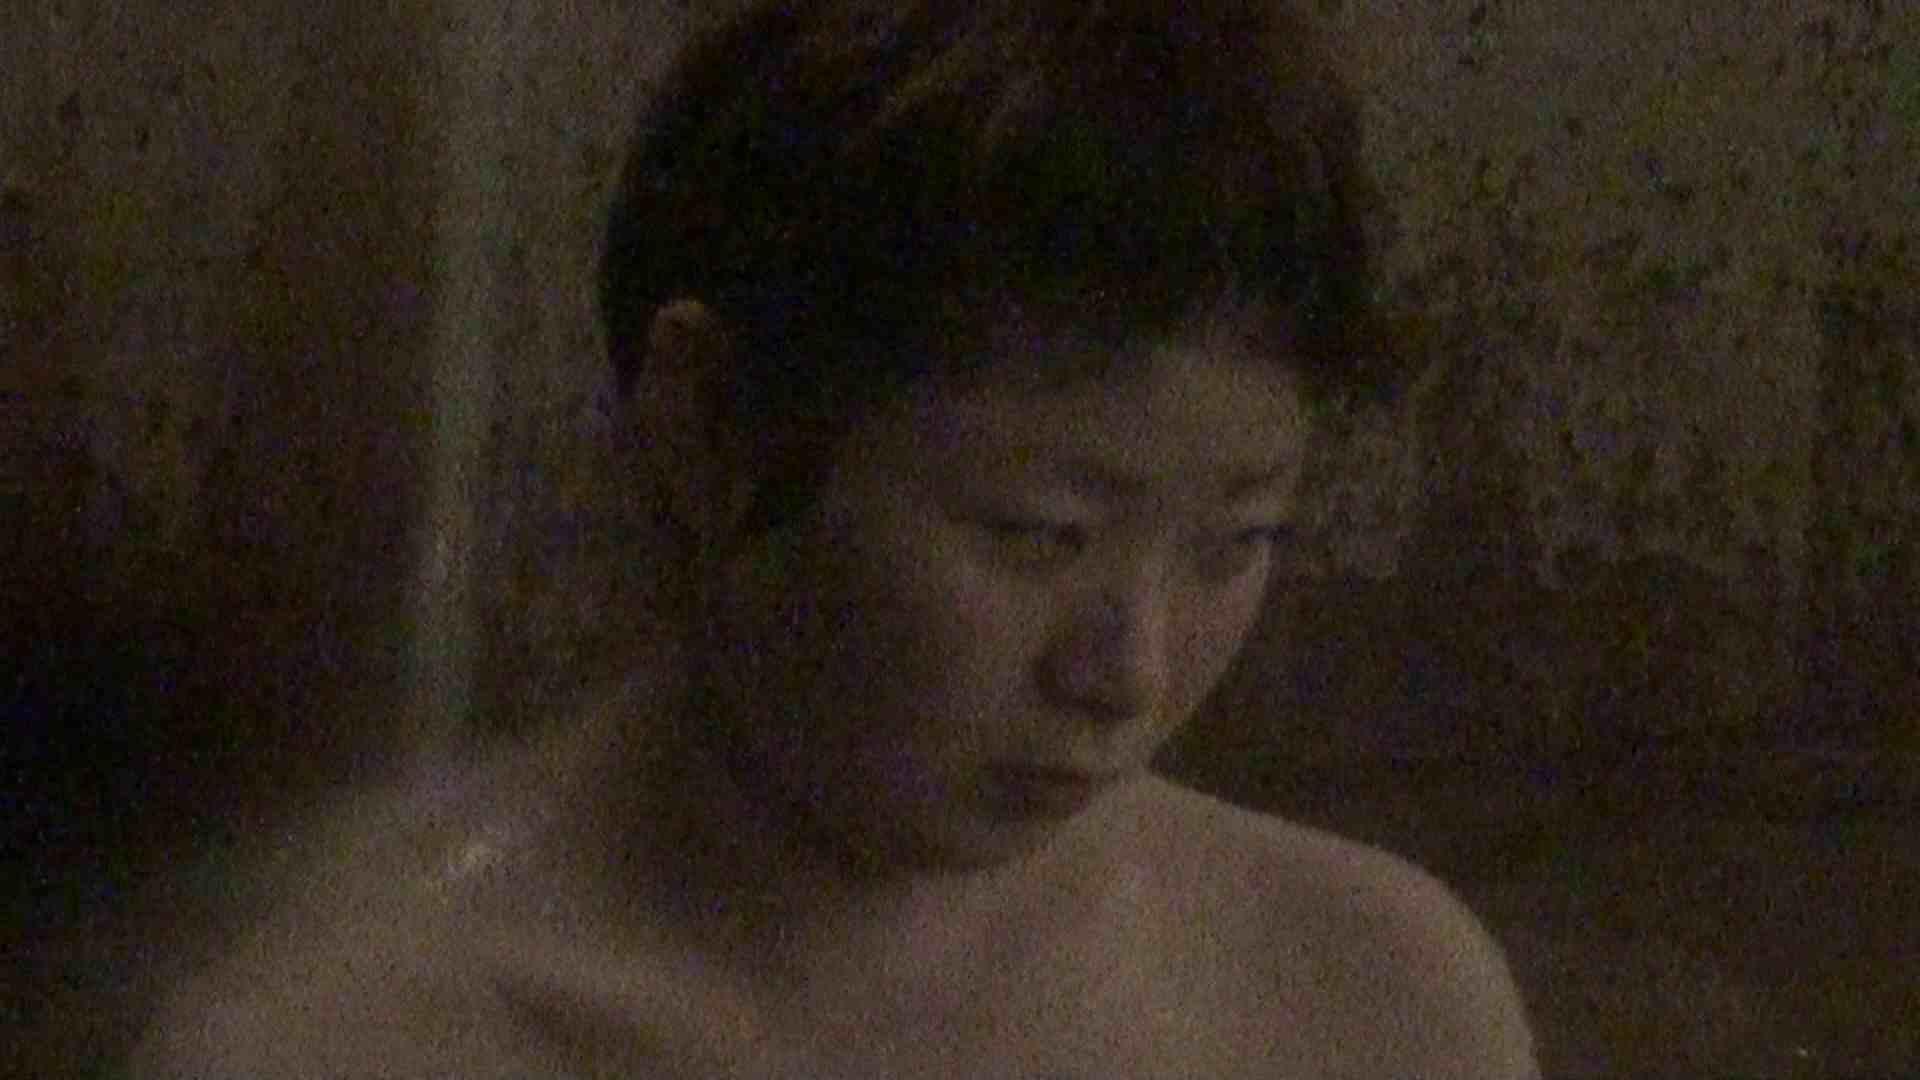 Aquaな露天風呂Vol.377 フリーハンド ワレメ動画紹介 111PIX 53